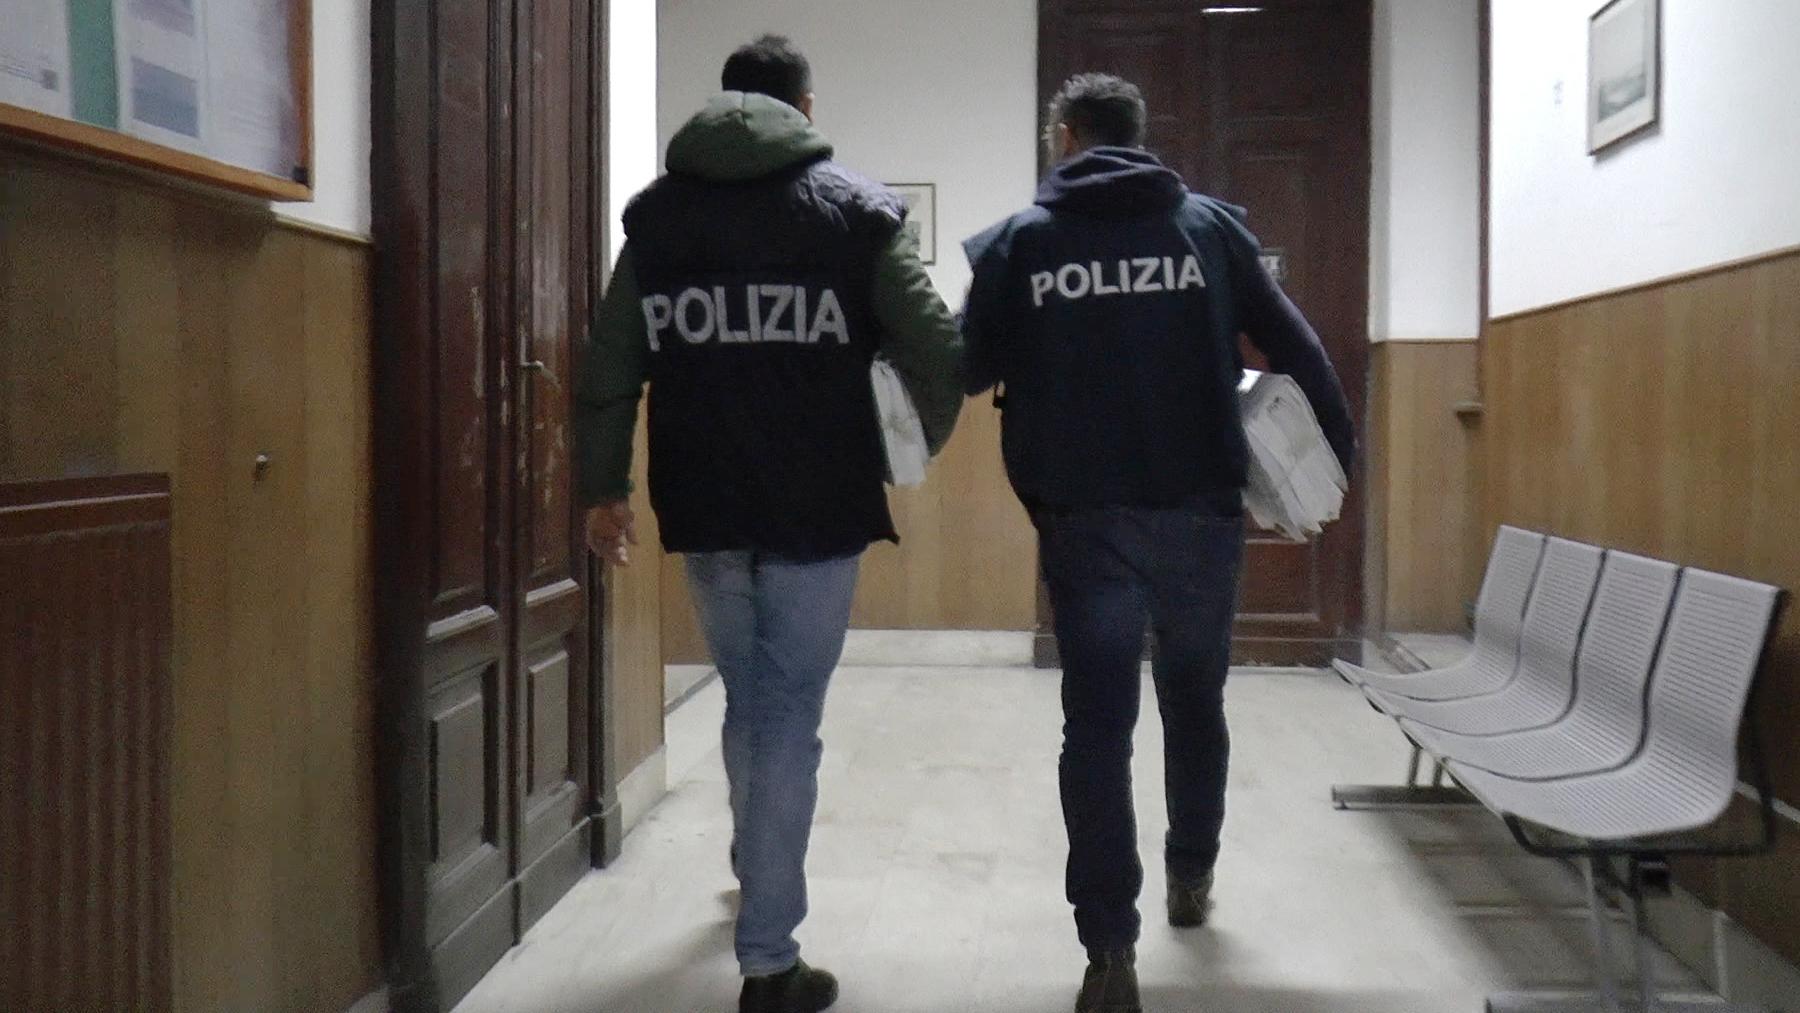 Reingresso illegale nel territorio: arrestato tunisino arrivato da Porto Empedocle